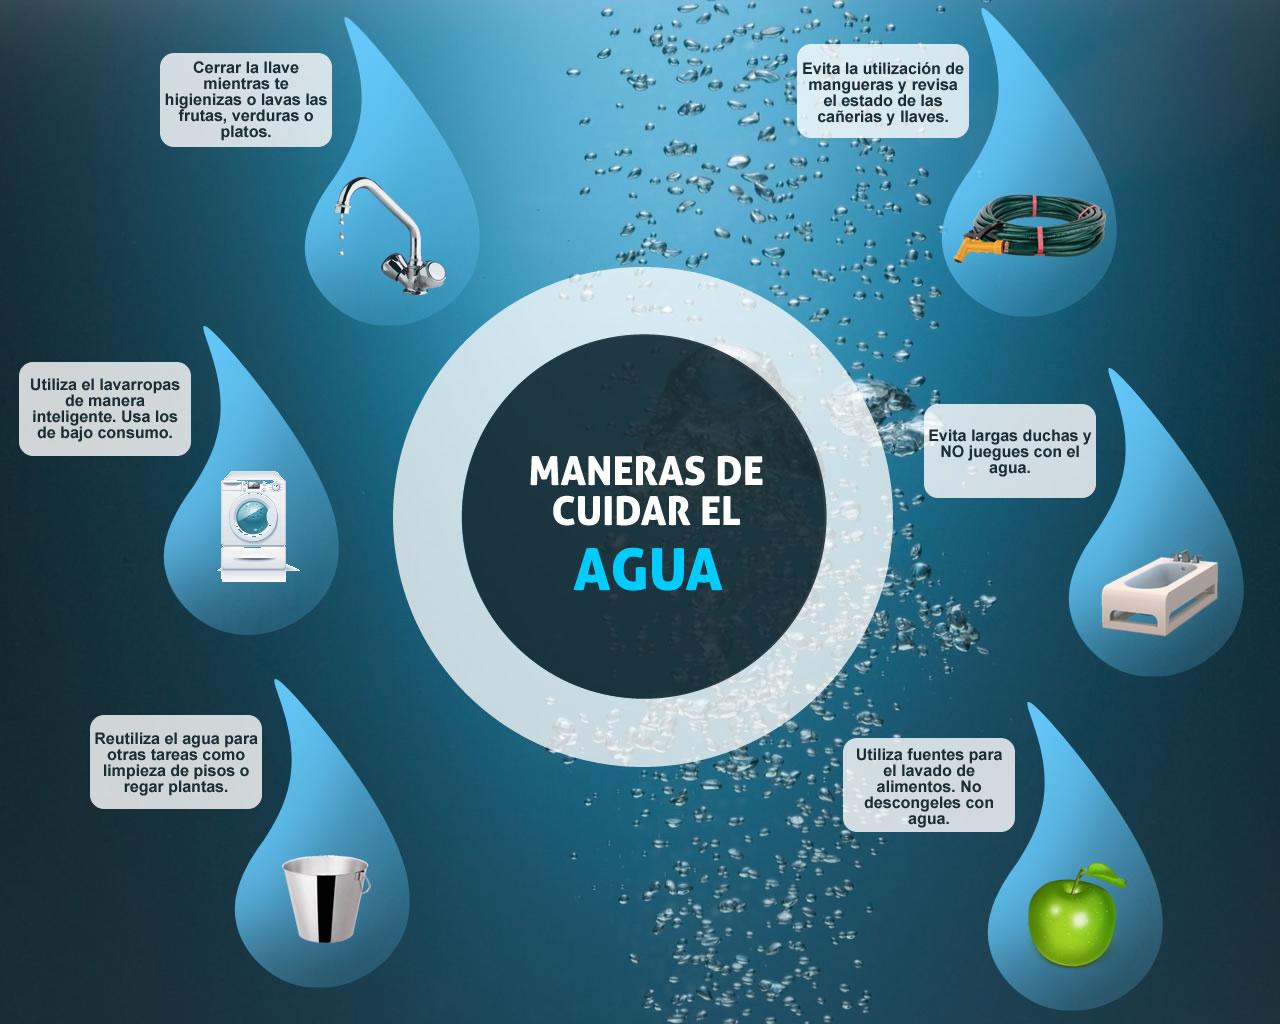 C mo podemos cuidar el agua consejos y concientizaci n for Importancia de la oficina dentro de la empresa wikipedia